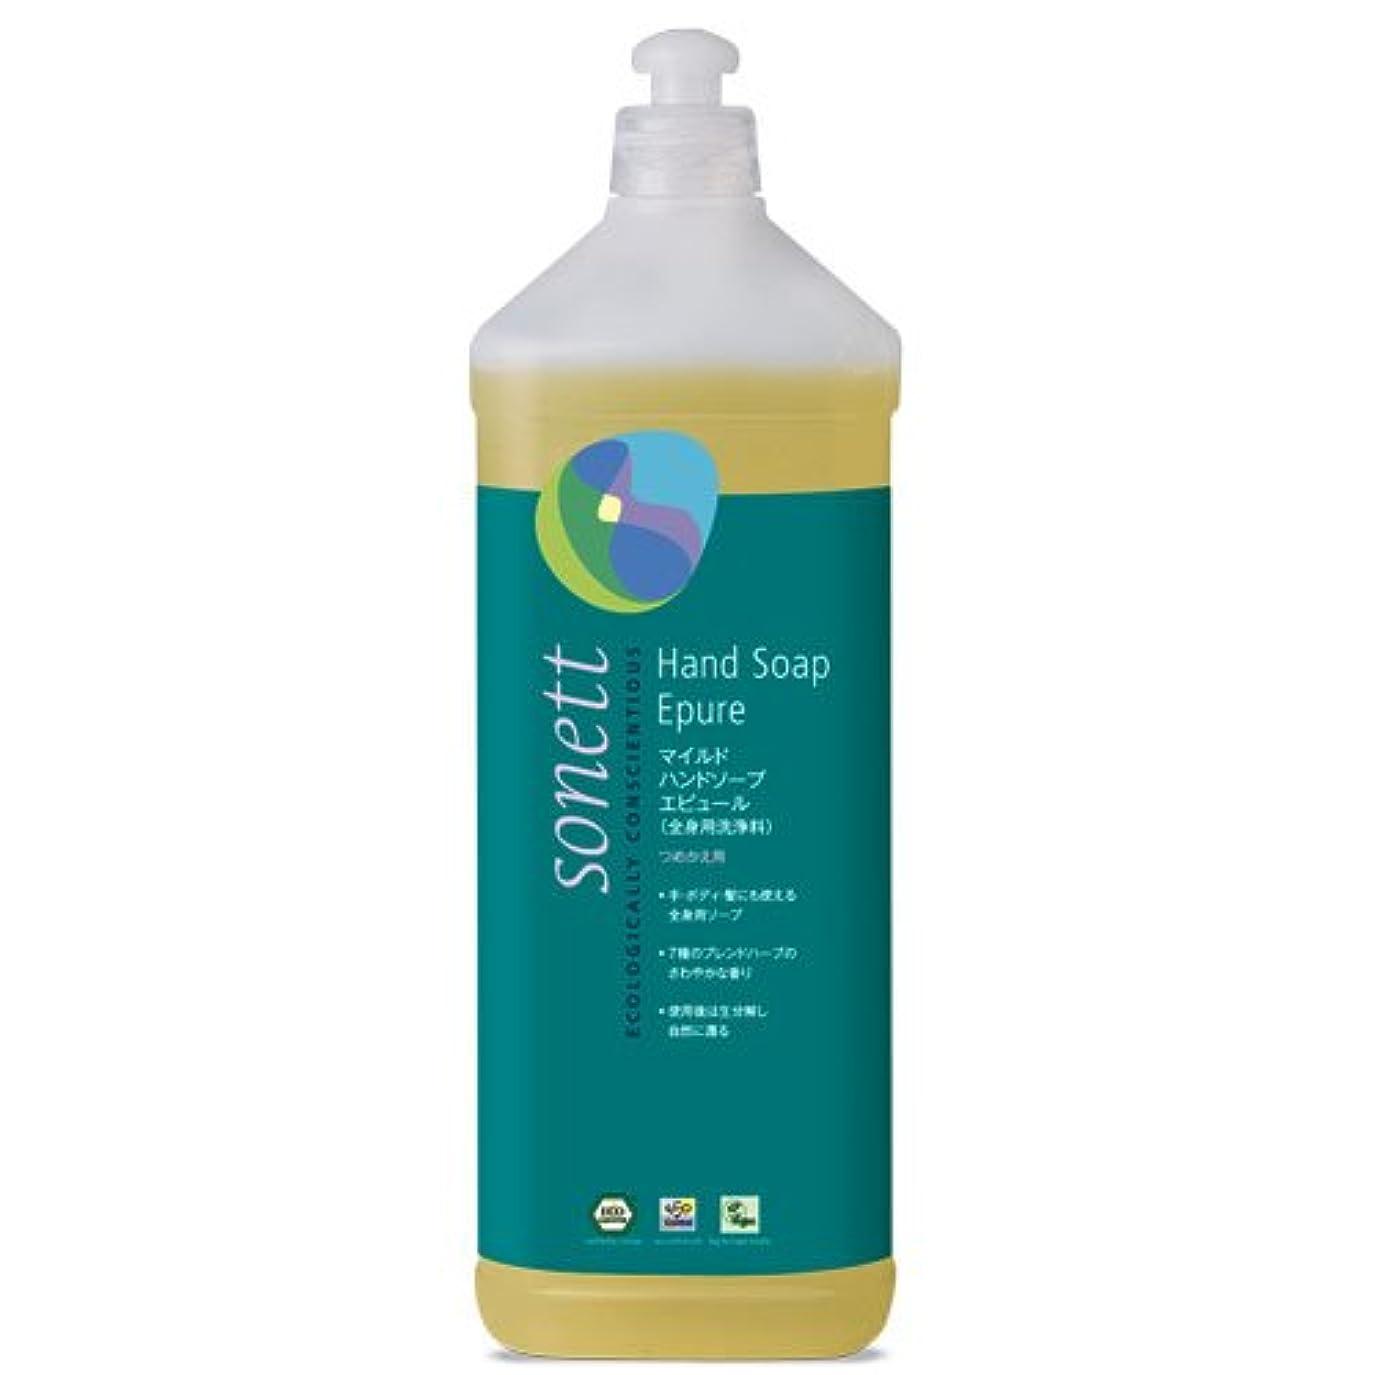 眠りピニオンサンダルSONETT ( ソネット 洗剤 ) マイルドハンドソープ エピュール 1L  ( ボディー&ハンドソープ 全身に )